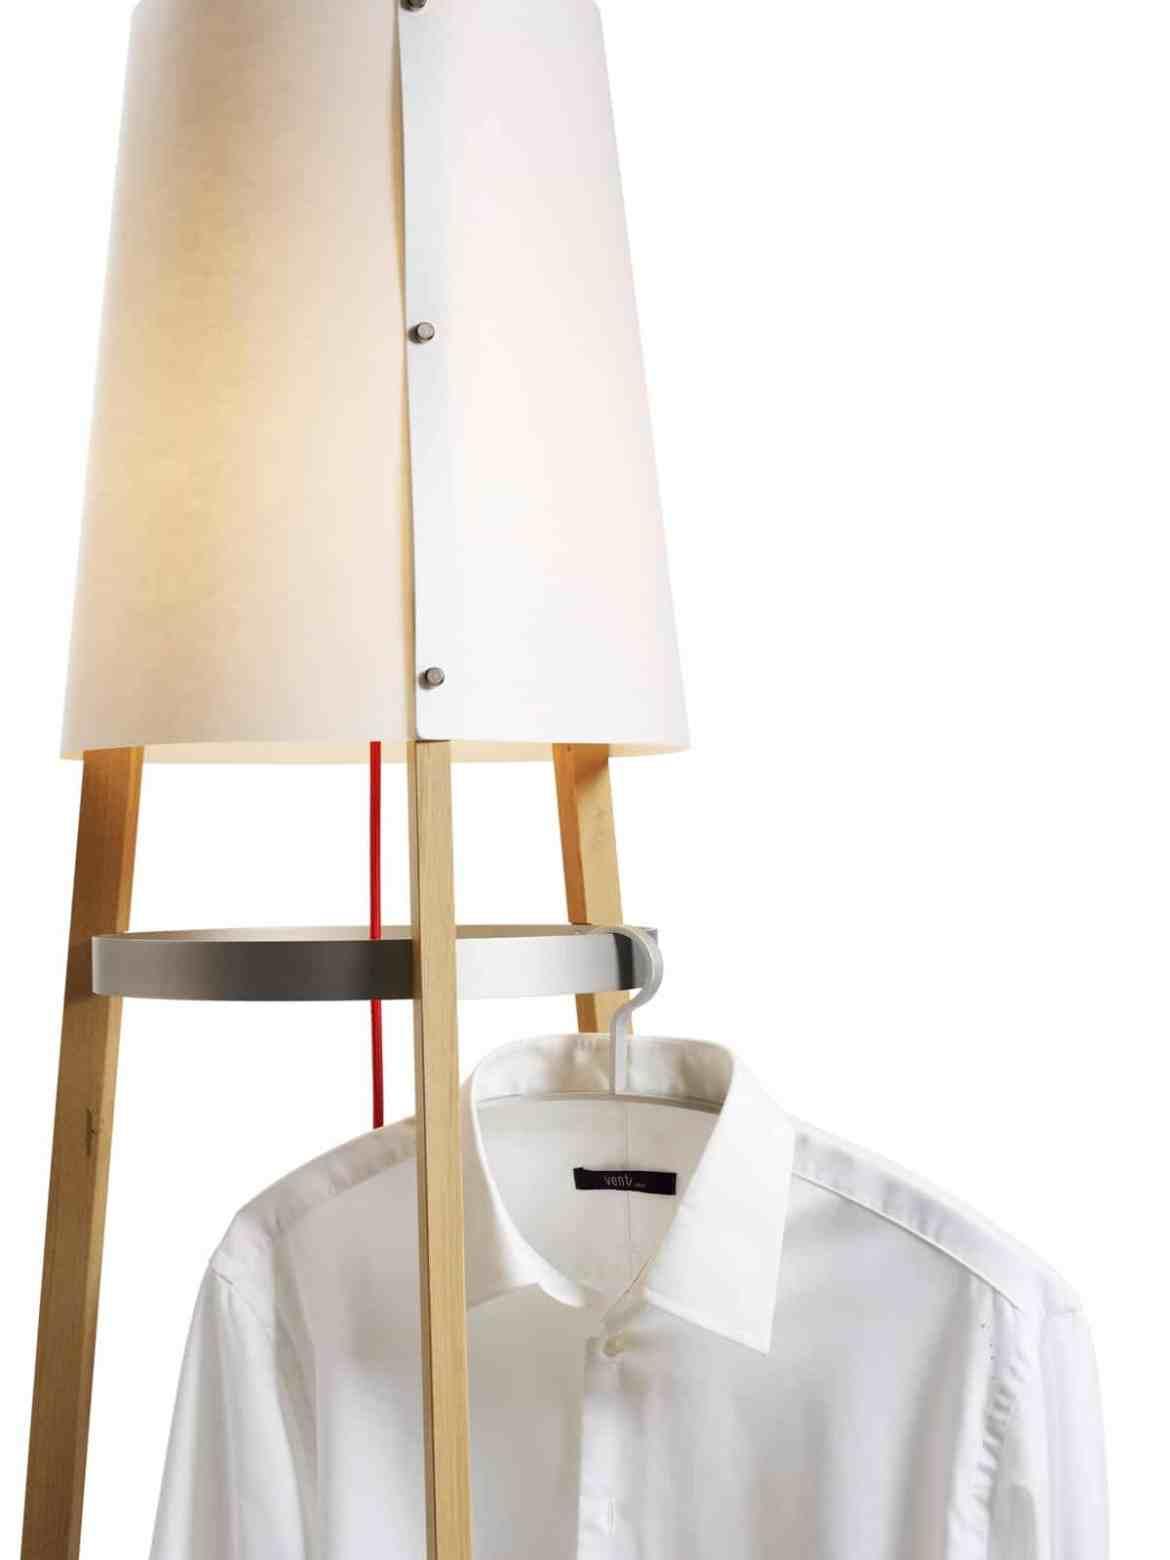 DesignOrt Blog: Lampen & Leuchten für die Studenten WG